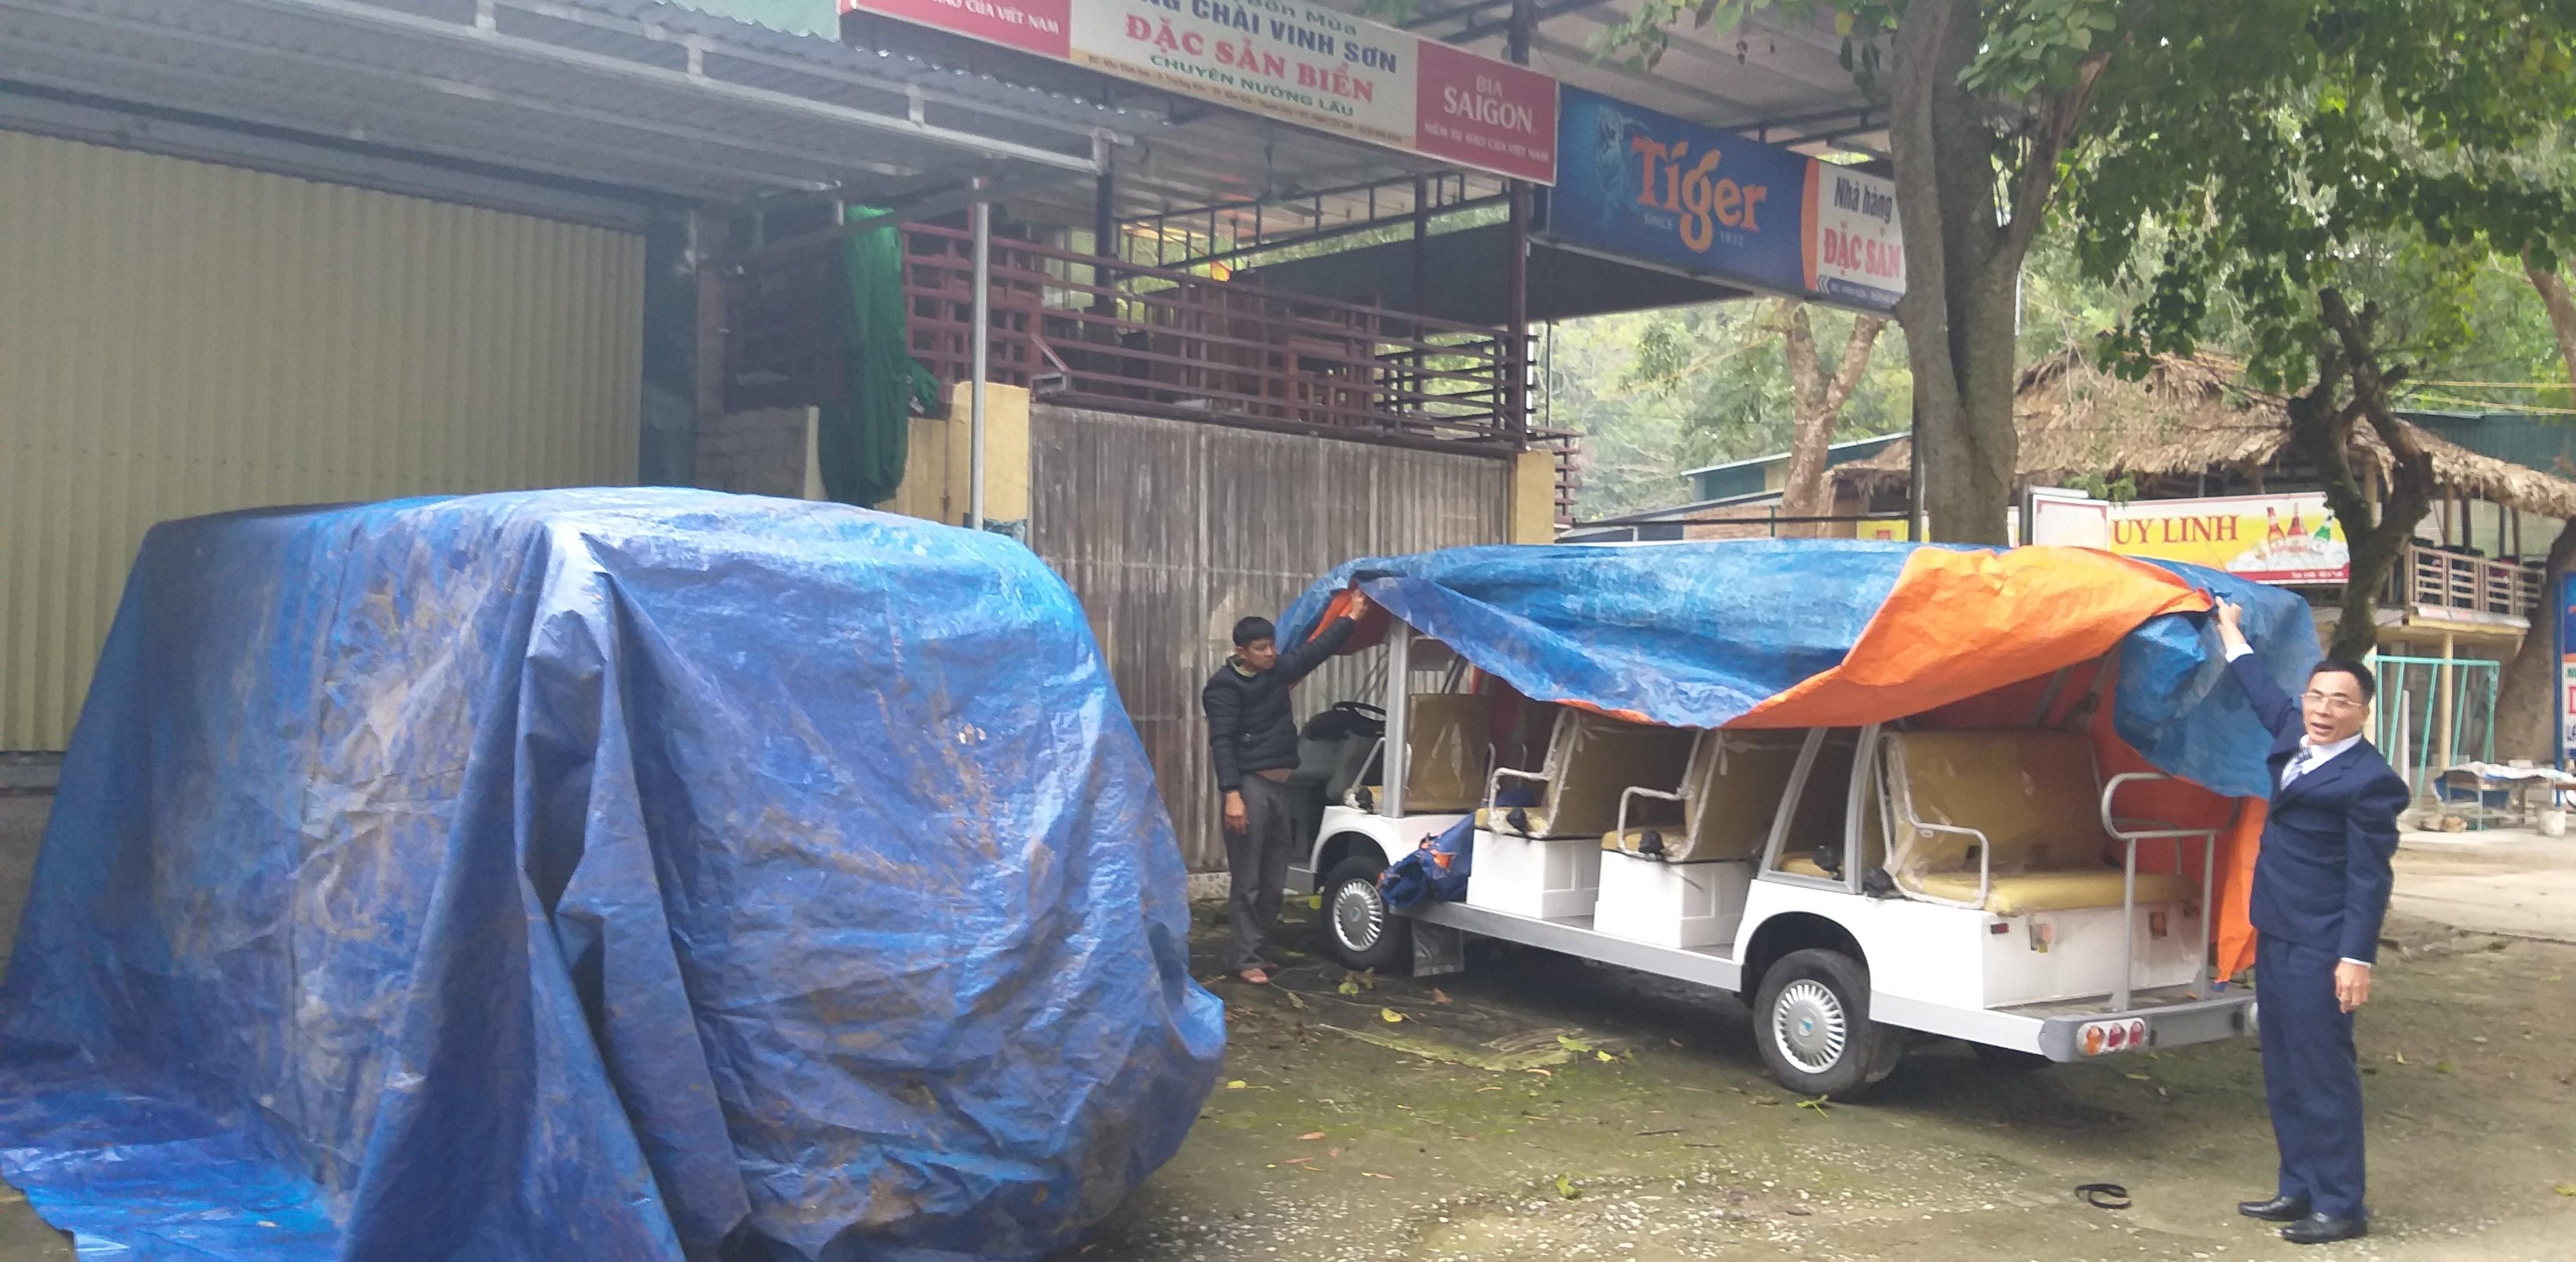 Vụ xe điện Sầm Sơn: Doanh nghiệp kêu cứu, Đại biểu Lê Thanh Vân kiến nghị Bộ trưởng Tư pháp làm rõ